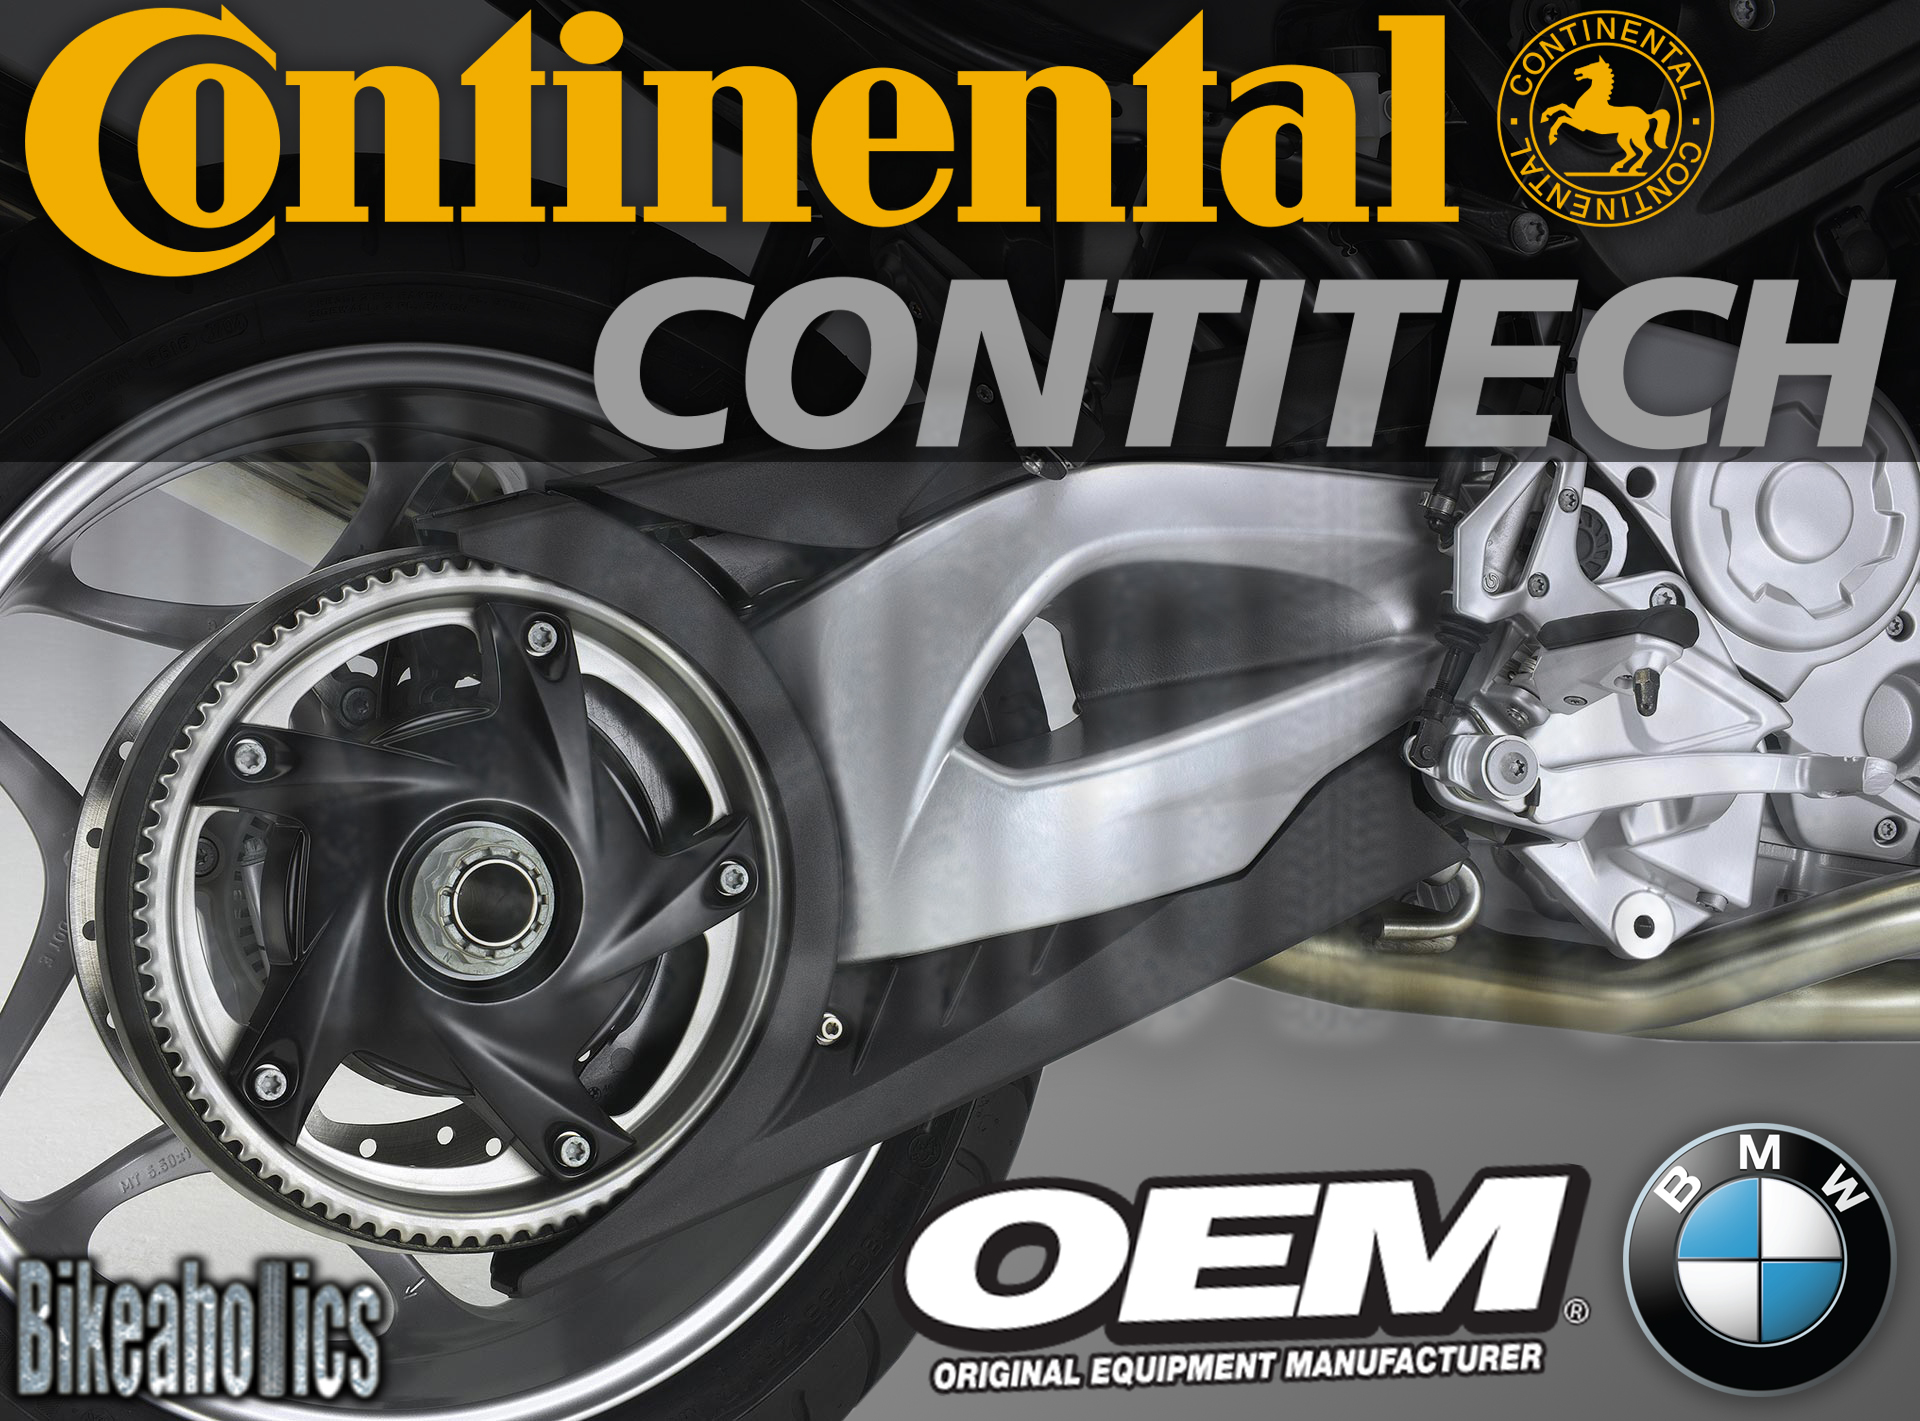 Continental Contitech Drive Belt 173 Teeth x 34 mm BMW F 800 800 ST 2012